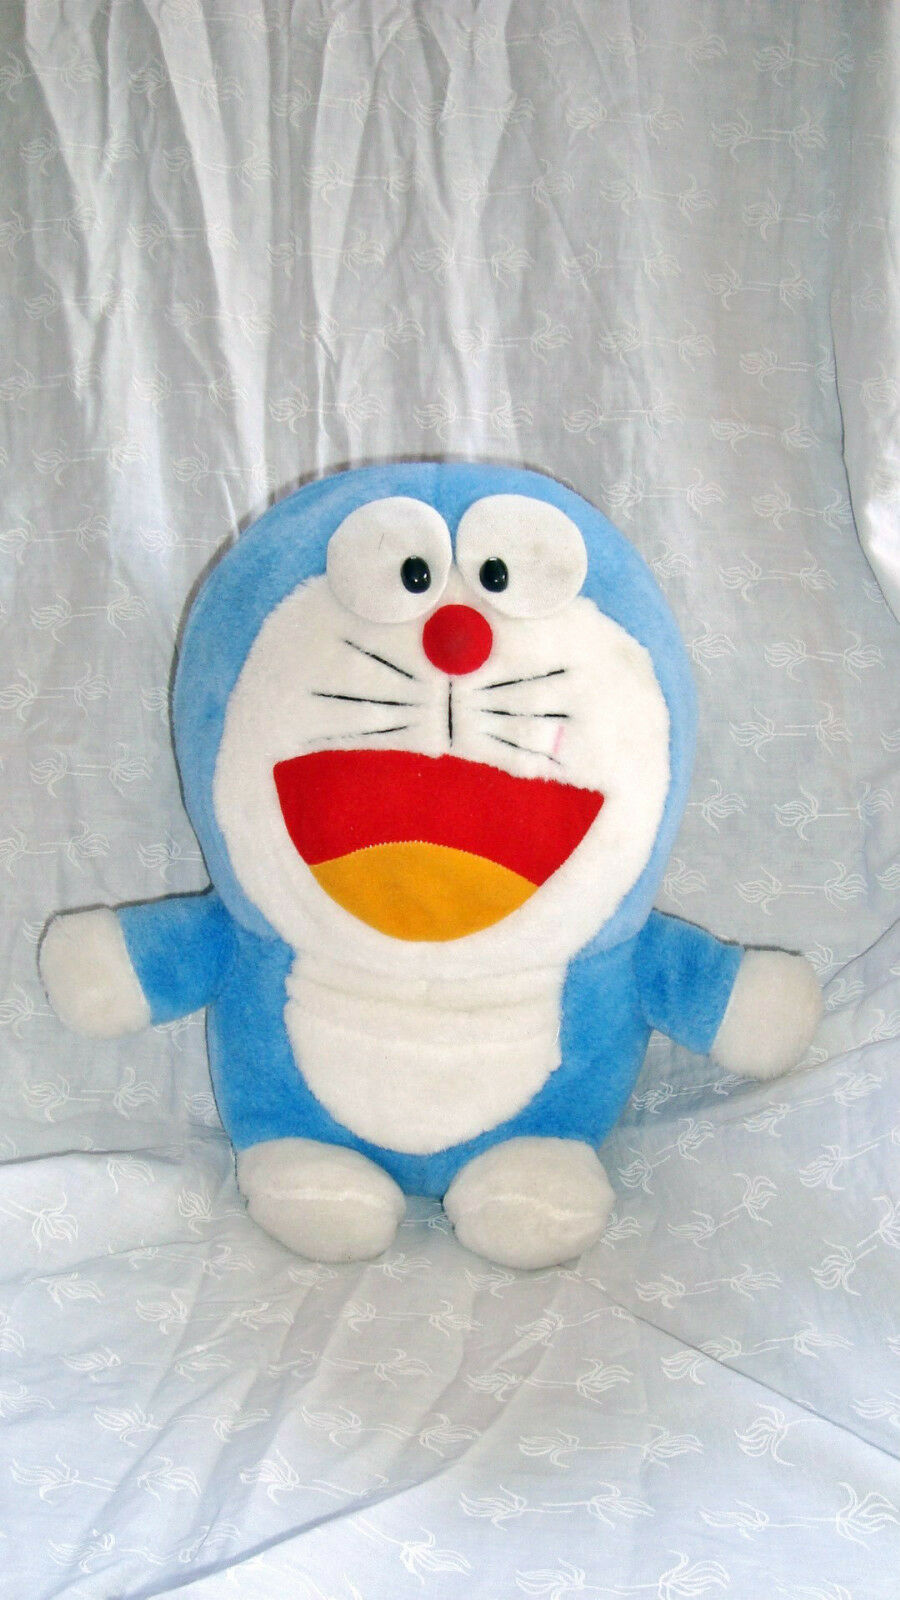 Muy Raro Peluche Plush Gigante Gigante Gigante Doraemon Jap (32x32cm) 759ae0